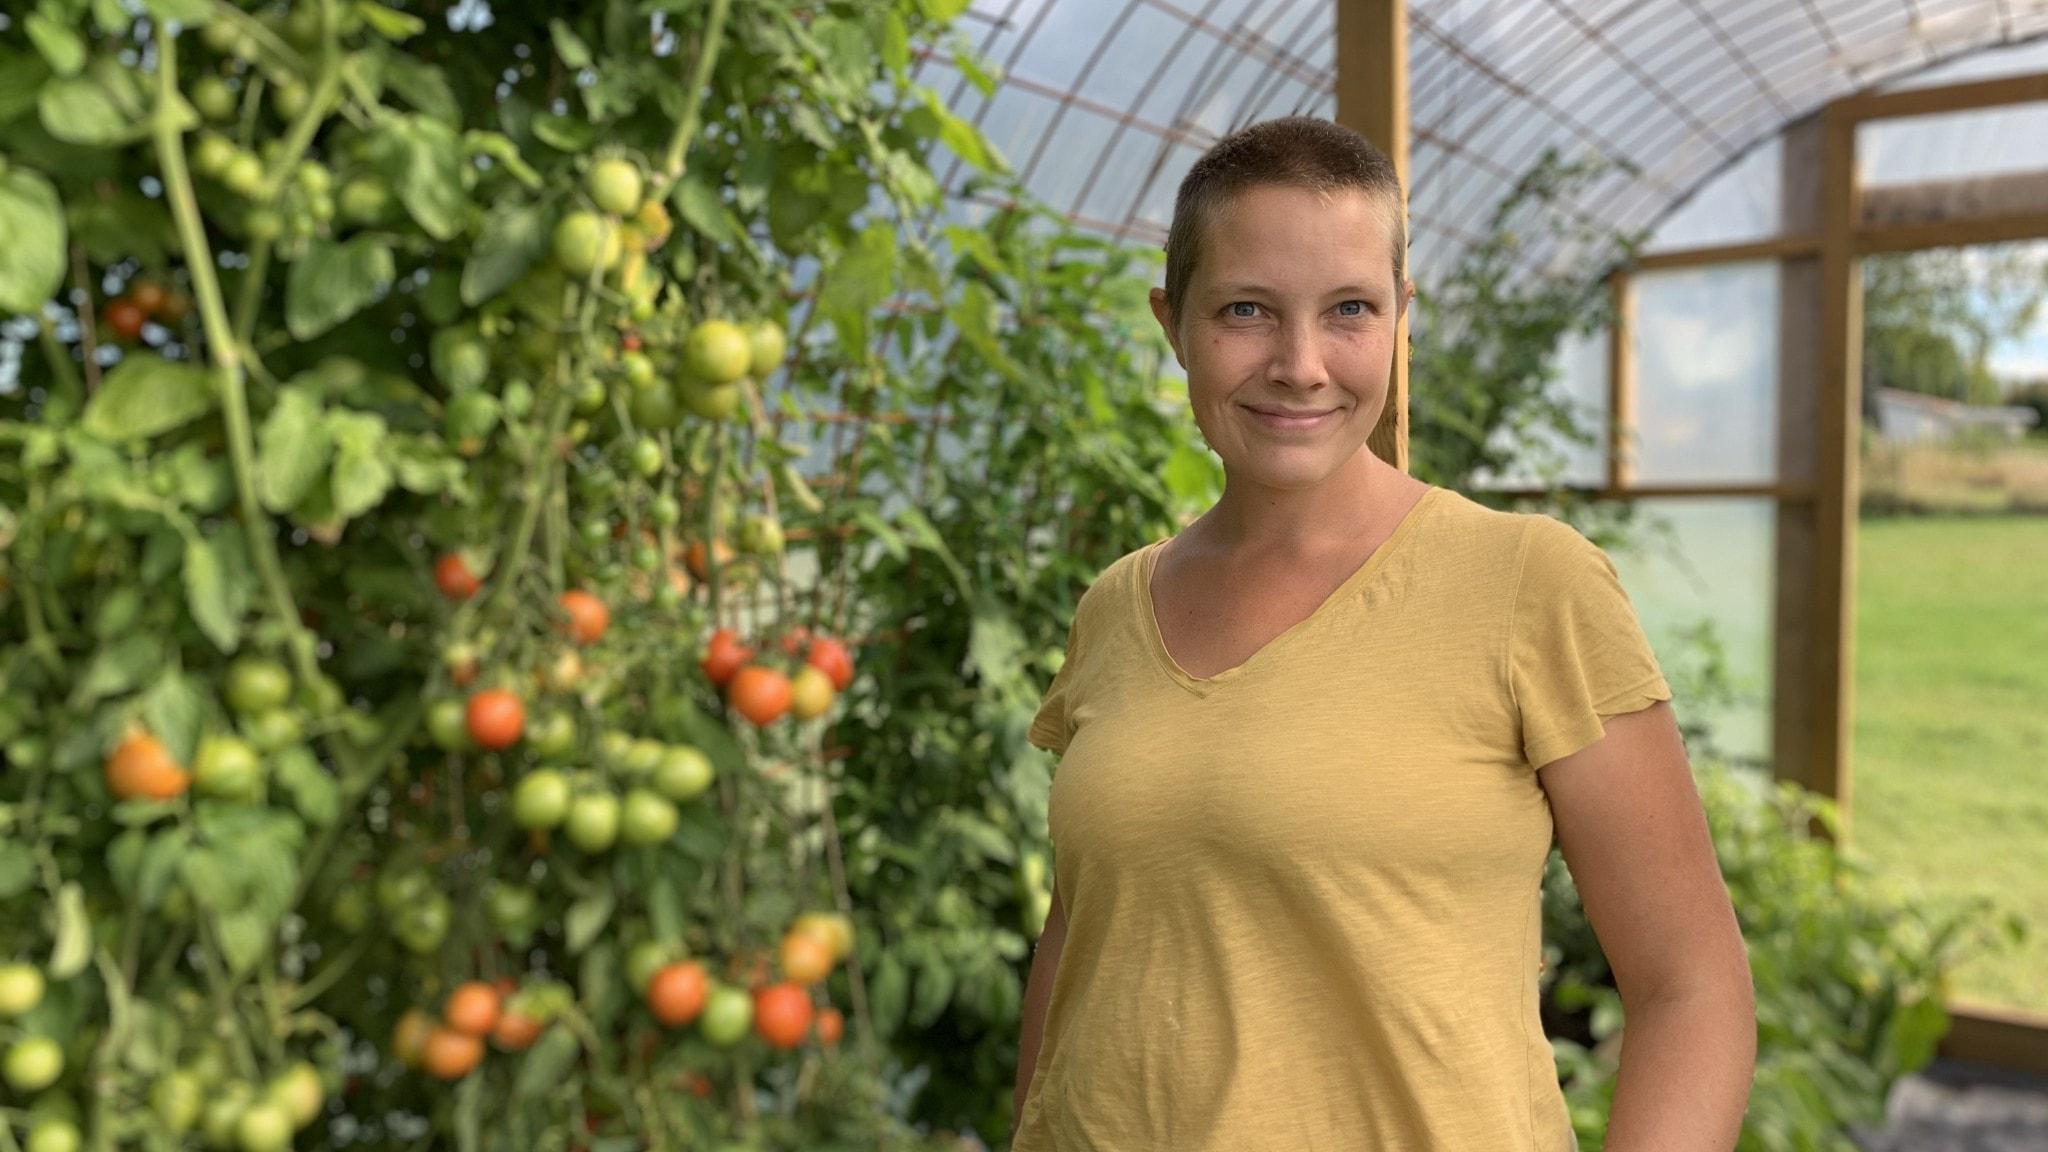 Maria Palmqvist står vid tomatplantor som dignar av frukt i ett bågformat växthus med ett böjt armeringsjärn som följer väggen